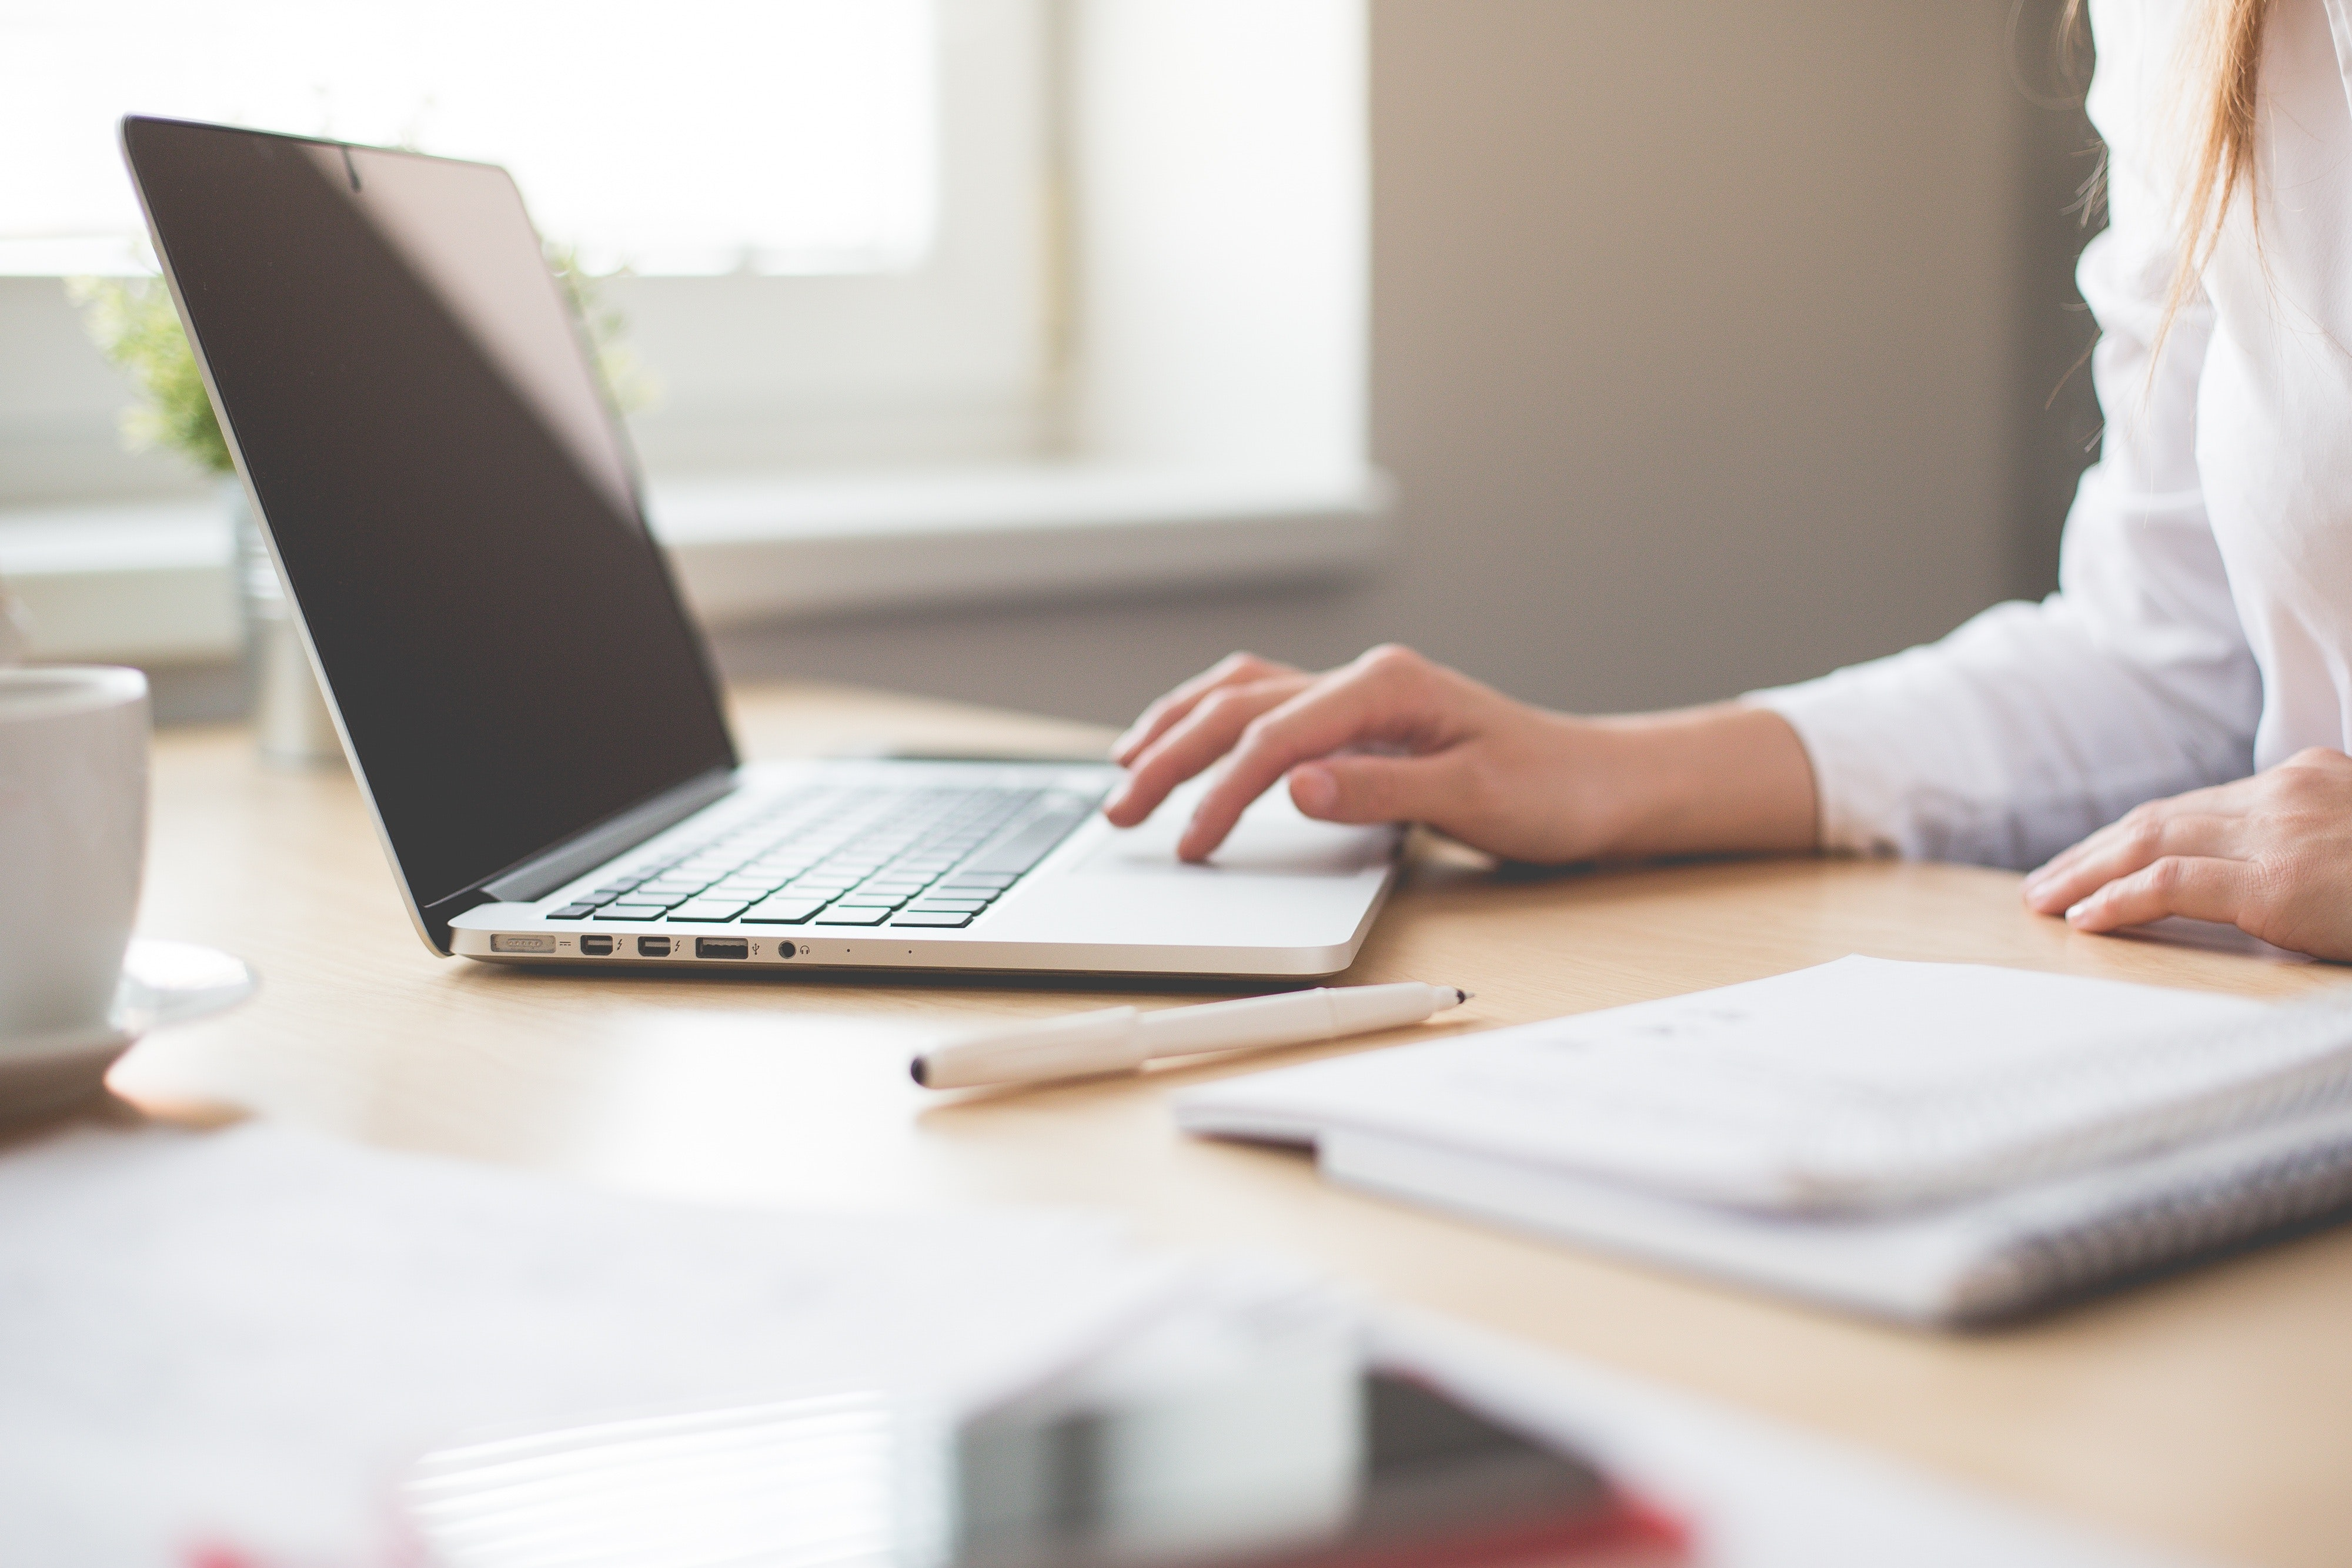 Postura errada no trabalho pode ter impacto enorme na saúde